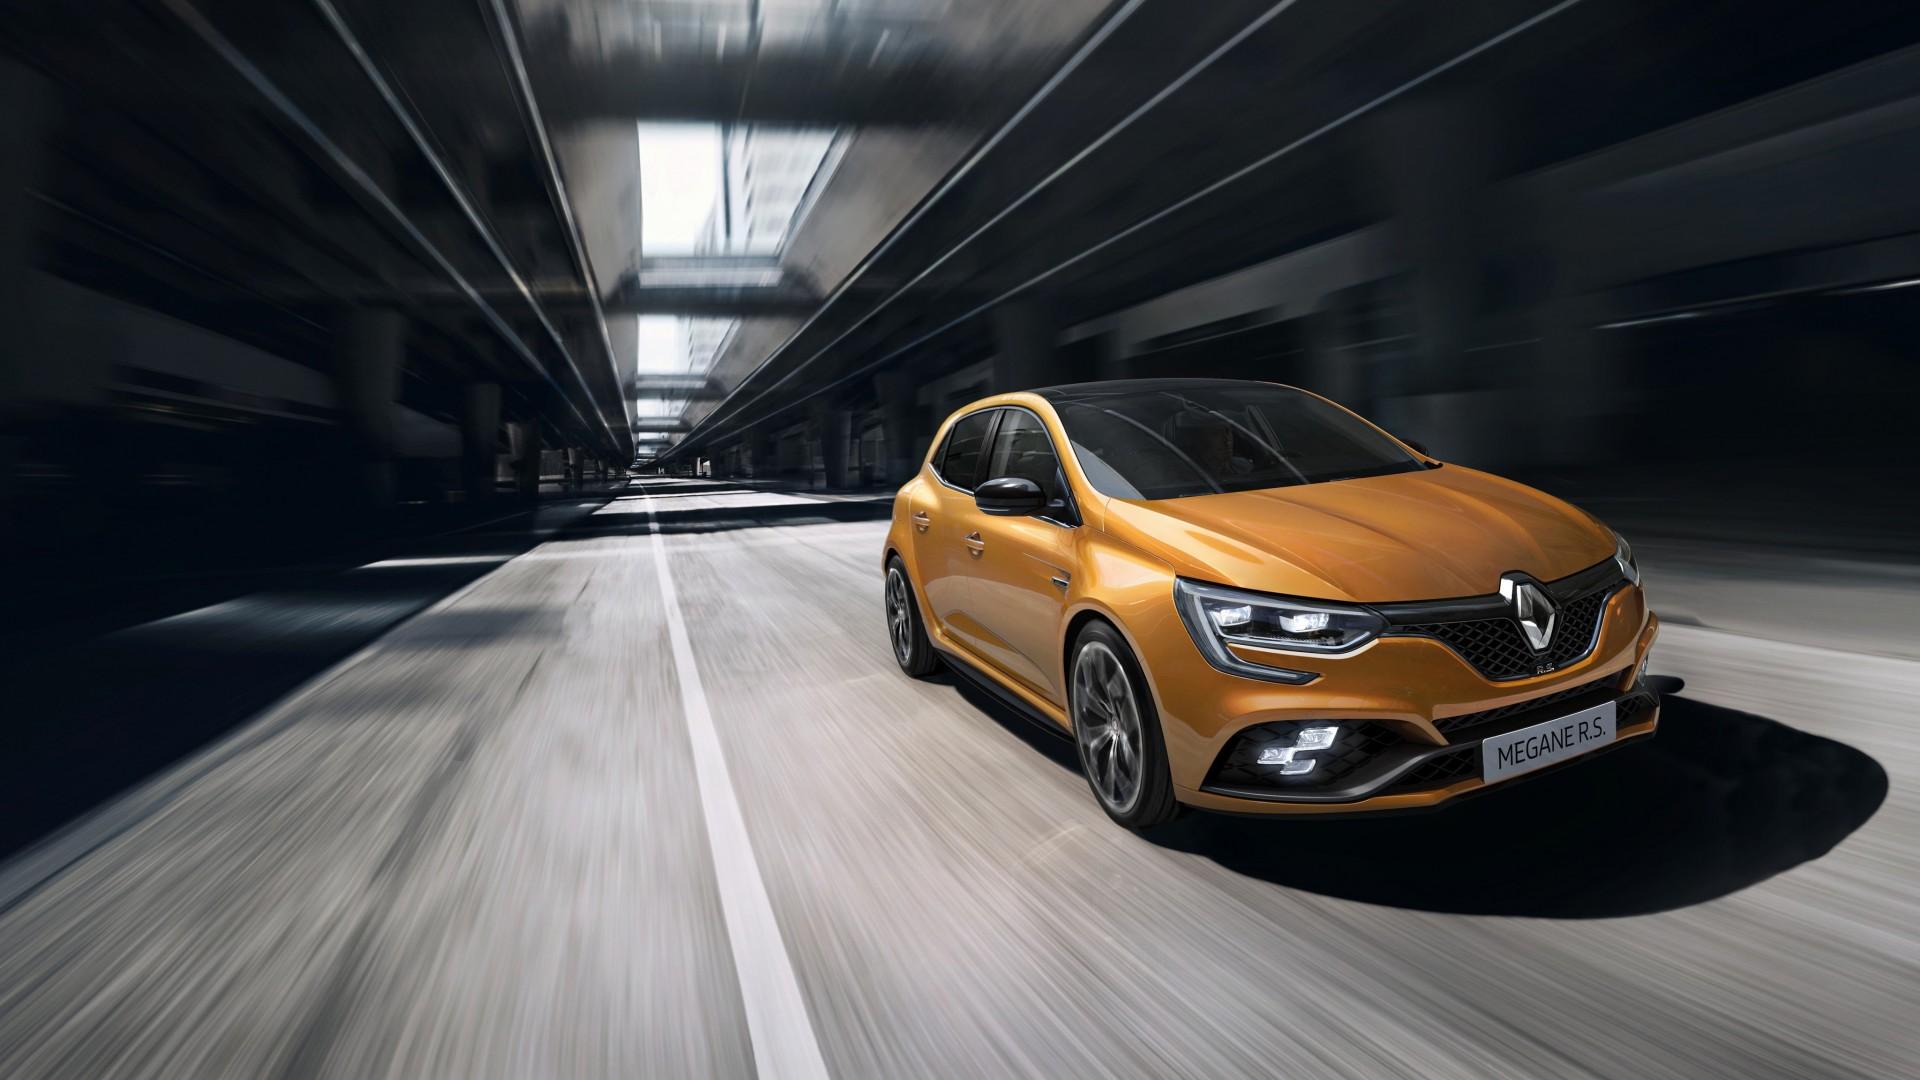 1080p Wallpapers Car 2018 Renault Megane Rs 4k 3 Wallpaper Hd Car Wallpapers